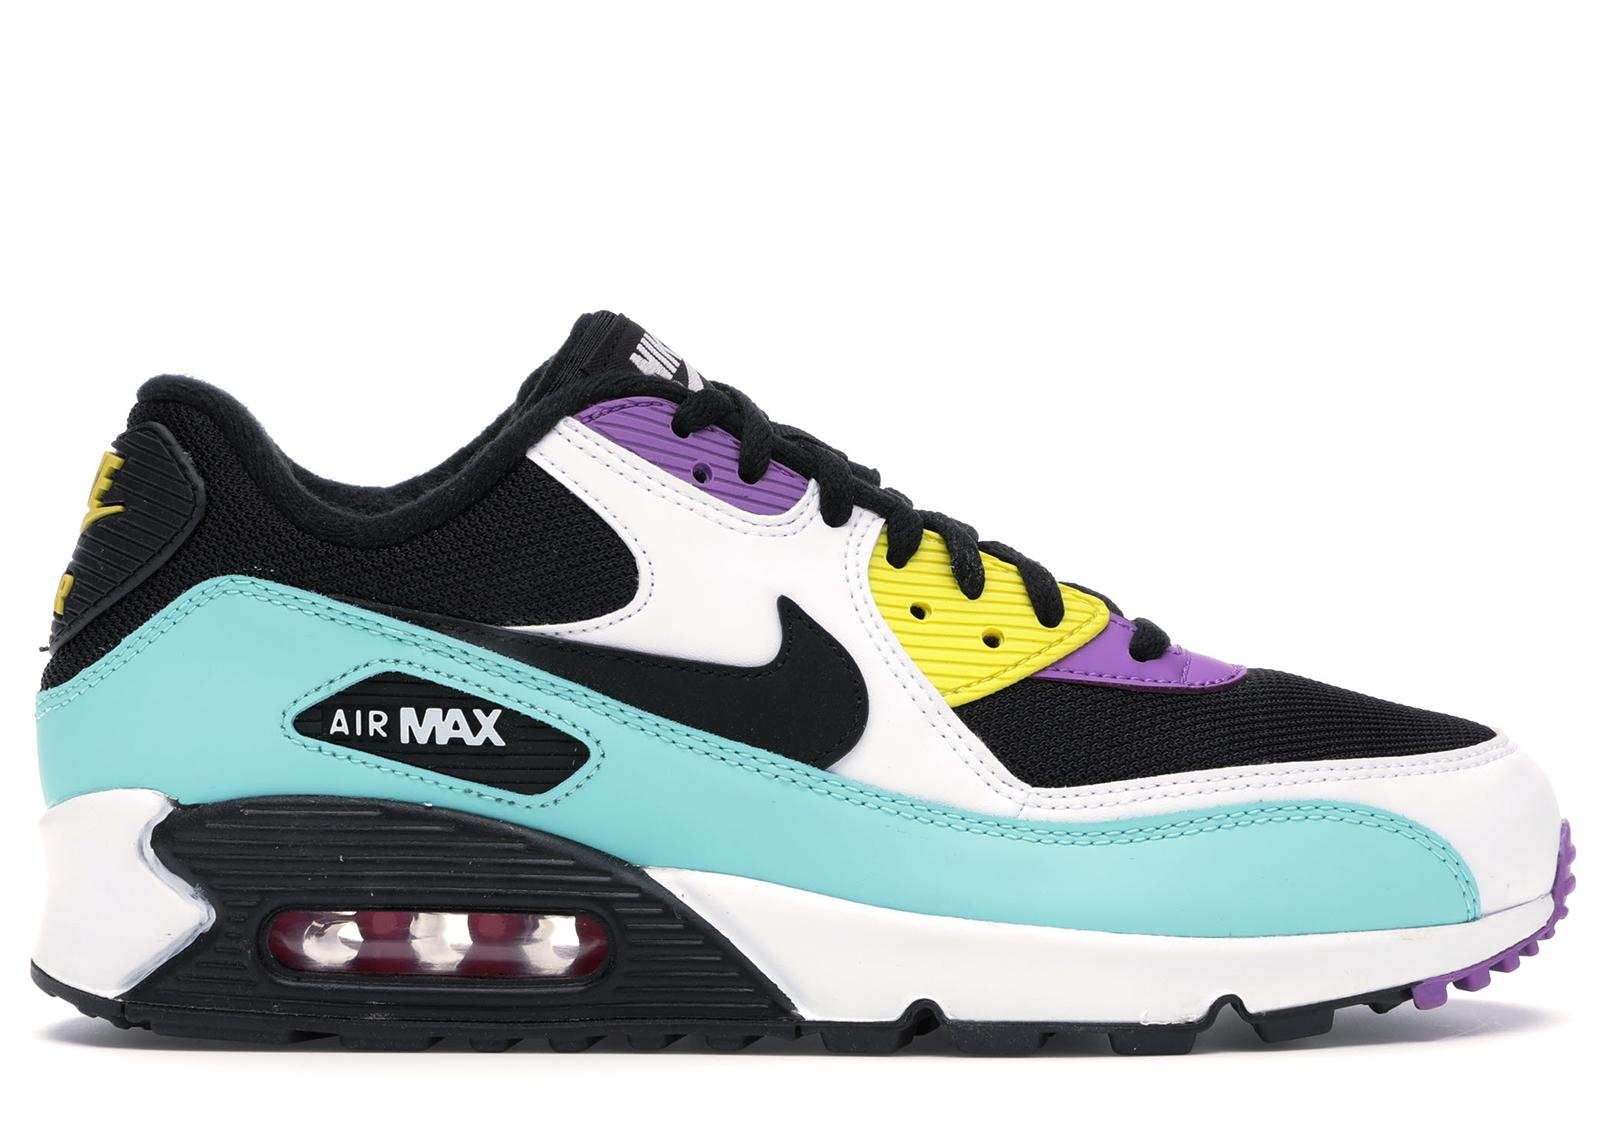 Nike Air Max 90 Black Bright Violet White - AJ1285-024